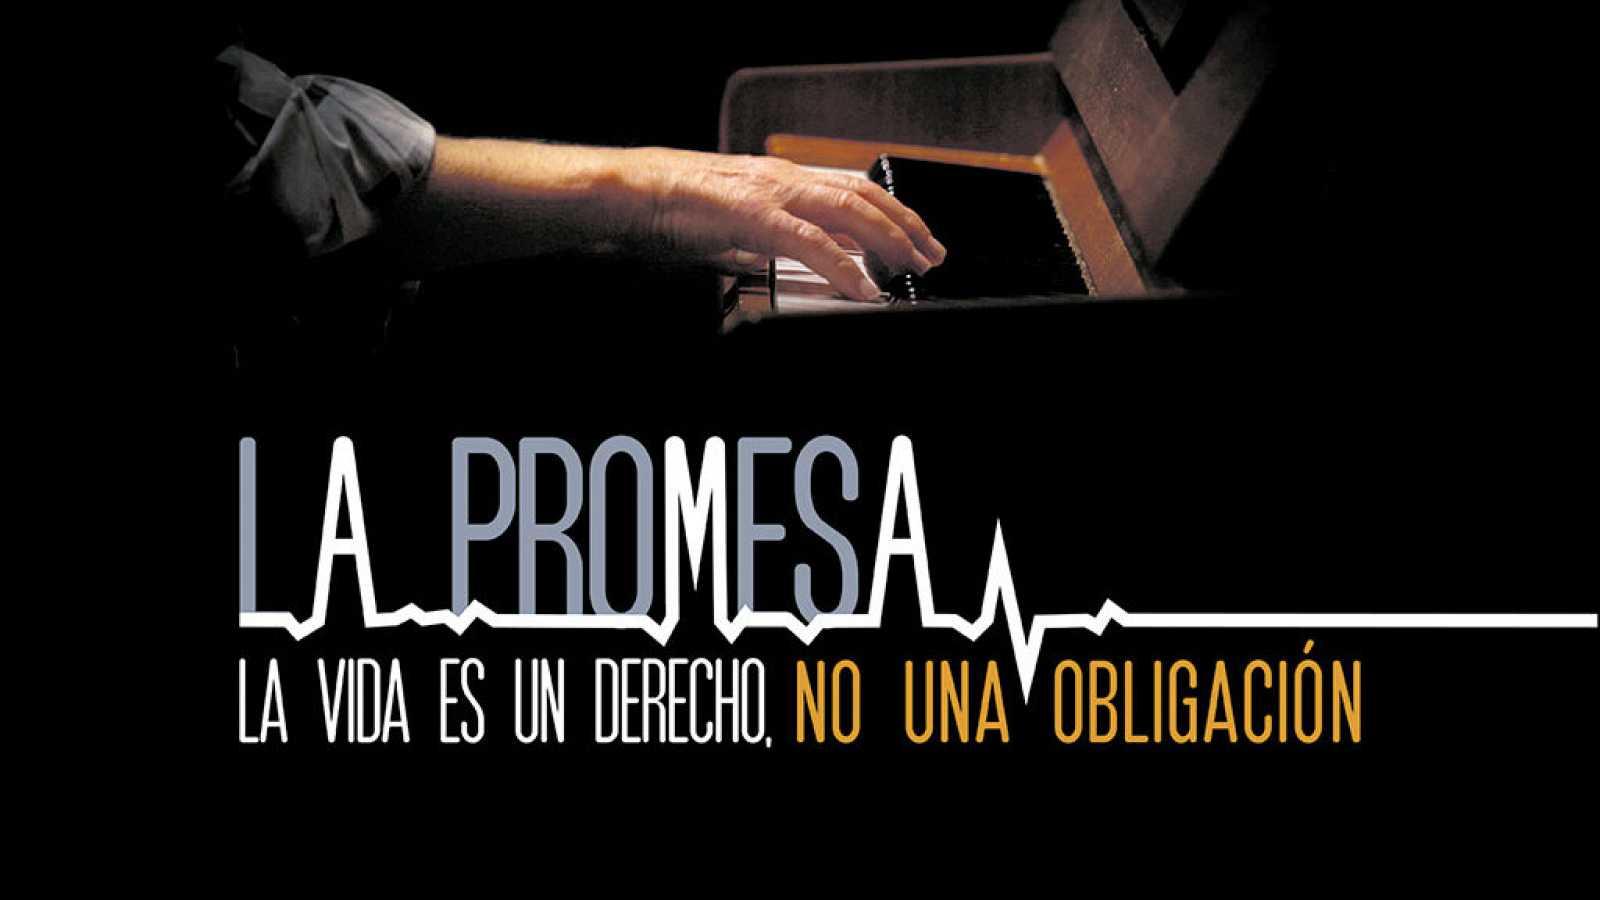 Todo Noticias Tarde - Documental La Promesa - Escuchar ahora - 03/09/19